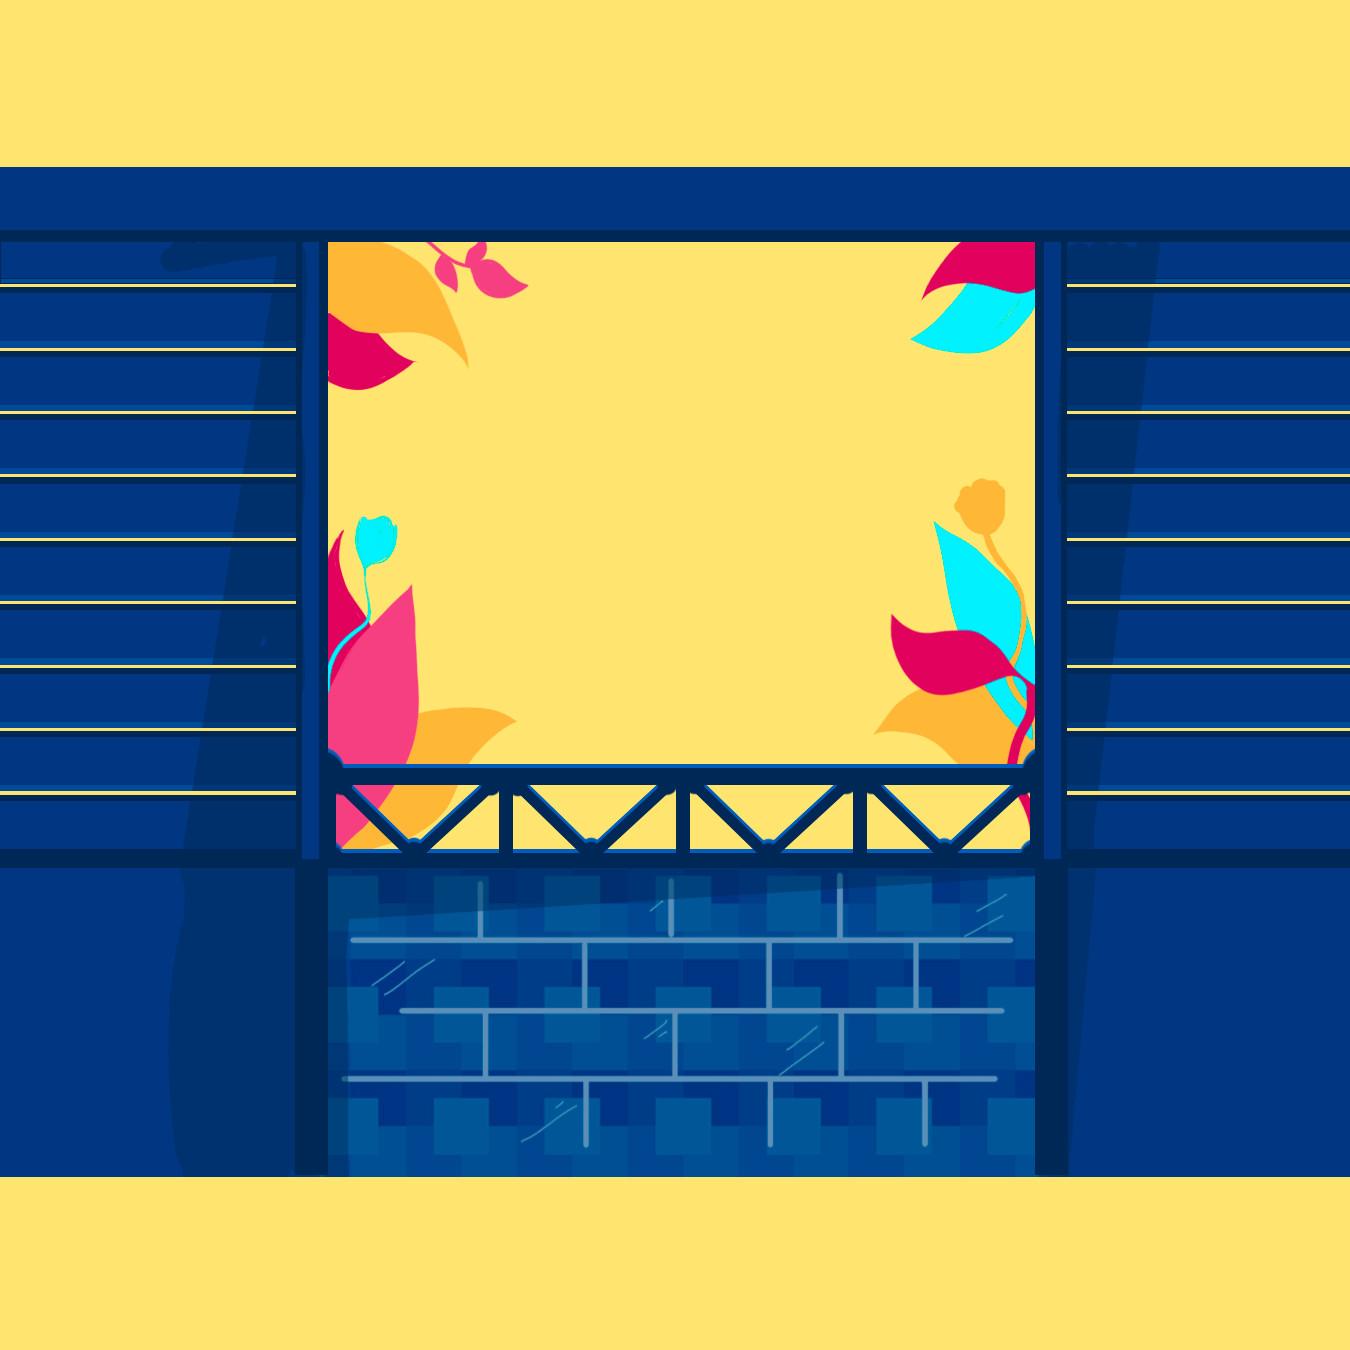 cenario_concept_art.jpg